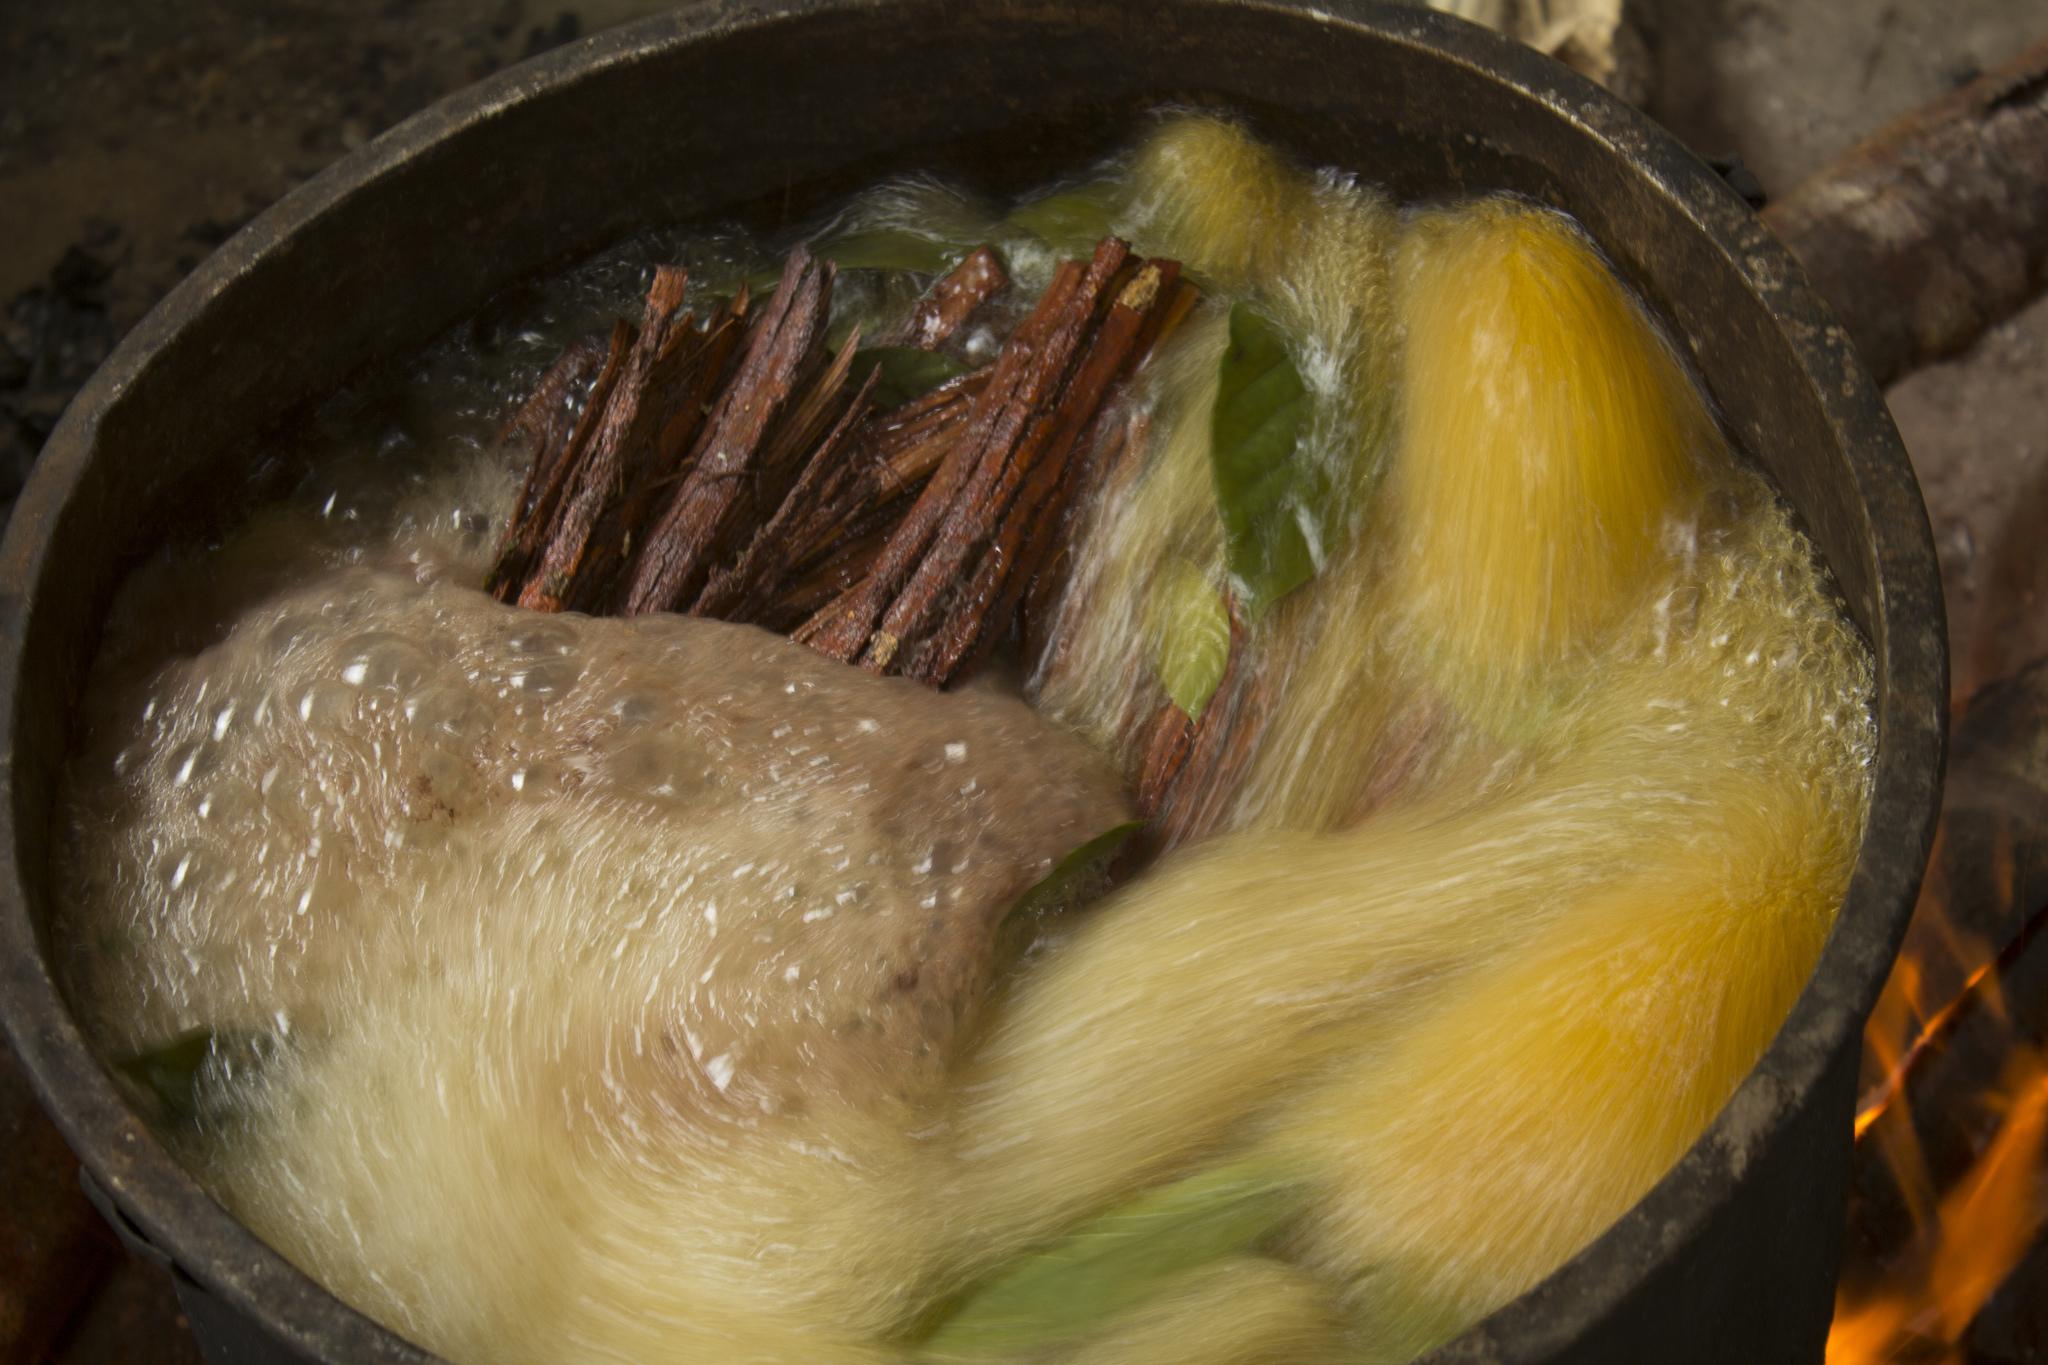 ayahuascaLarge